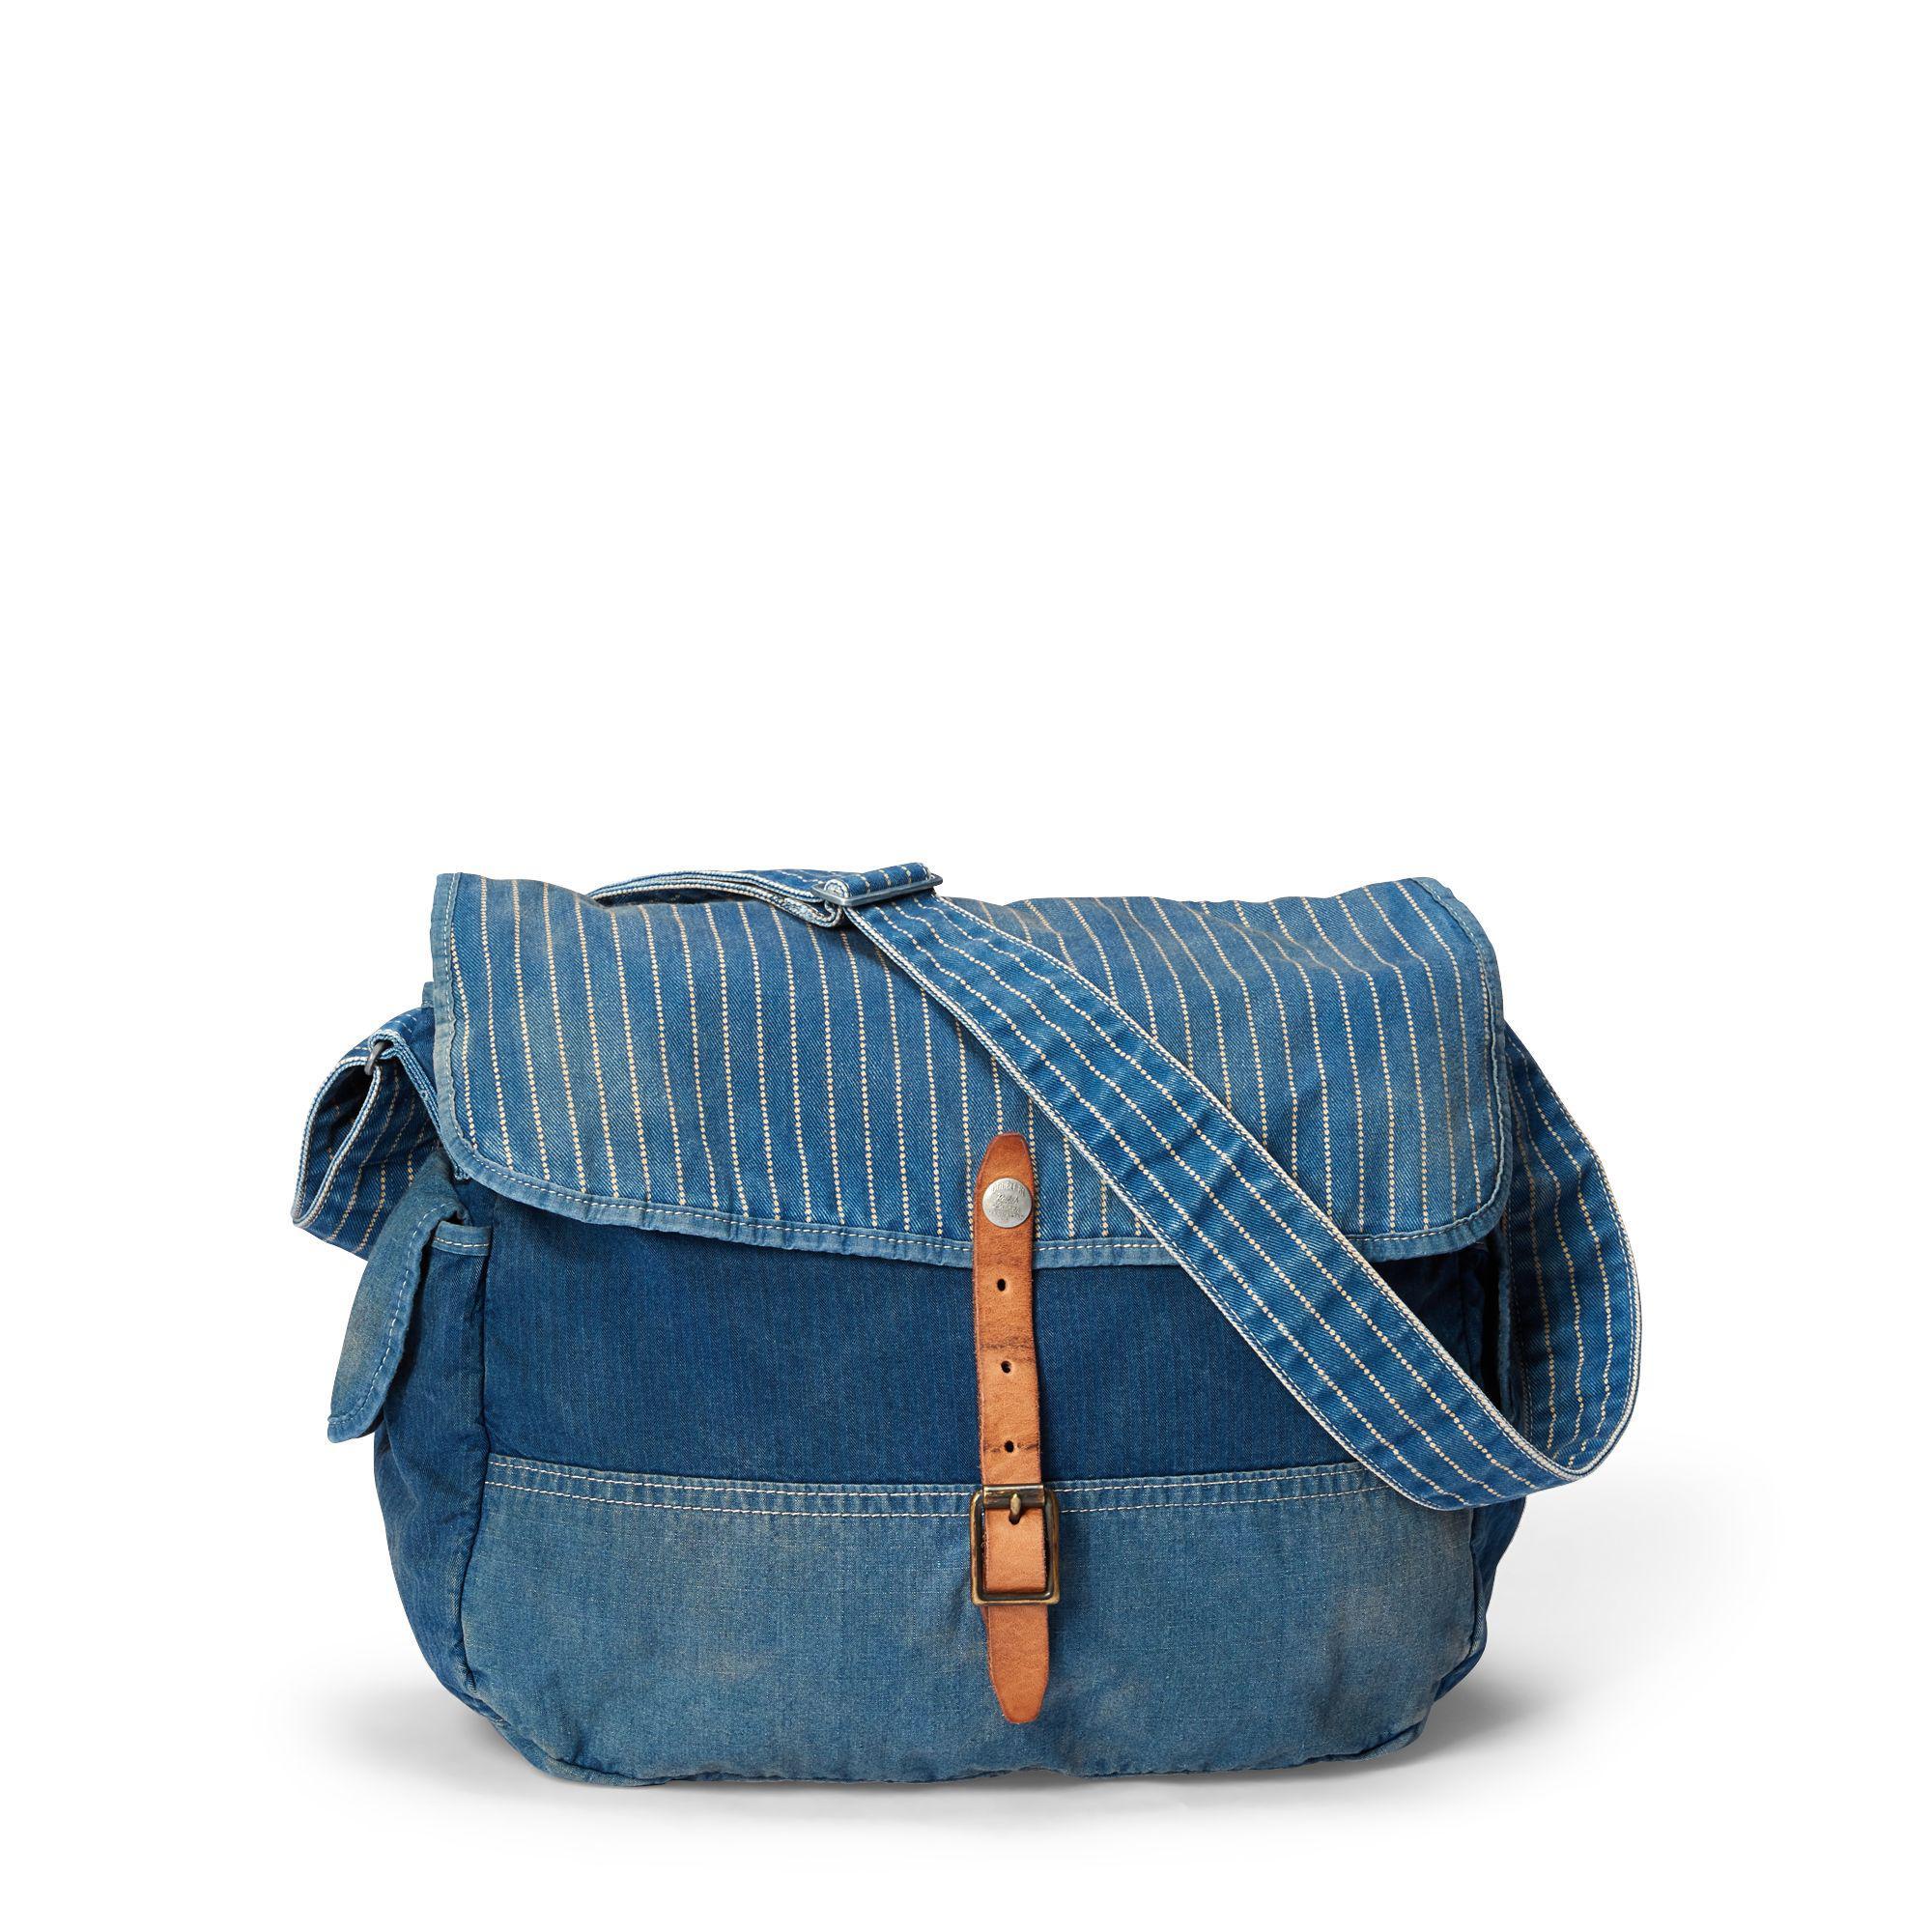 RRL Indigo Patchwork Messenger Bag in Blue for Men - Lyst ad4c75a0c47b8